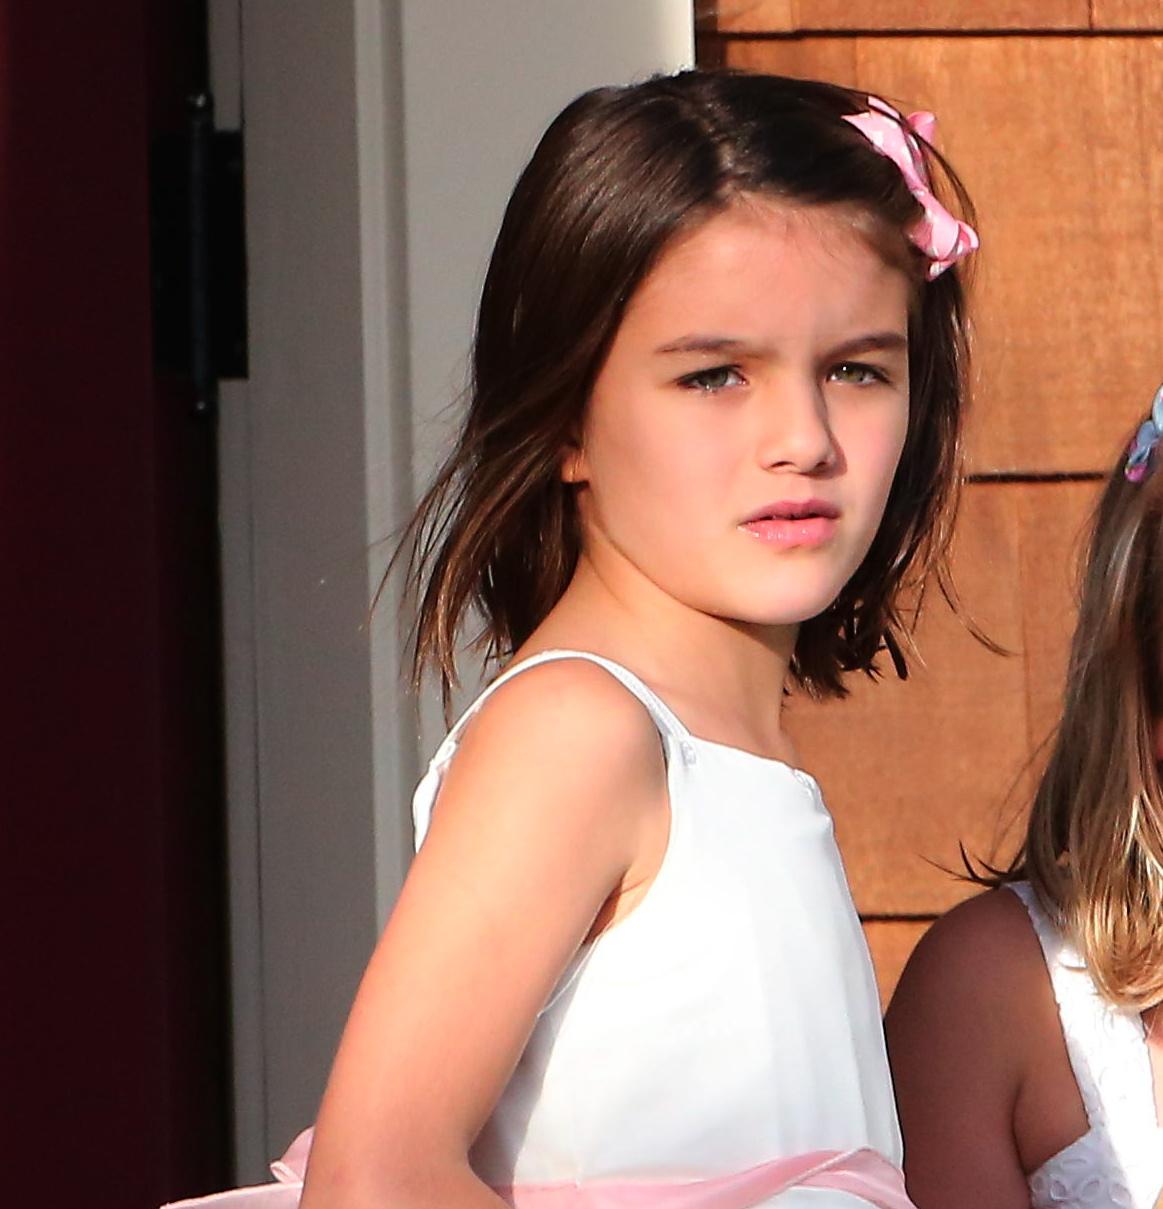 Mira Cómo Ha Crecido La Hija De Tom Cruise Y Katie Holmes, Suri Cruise